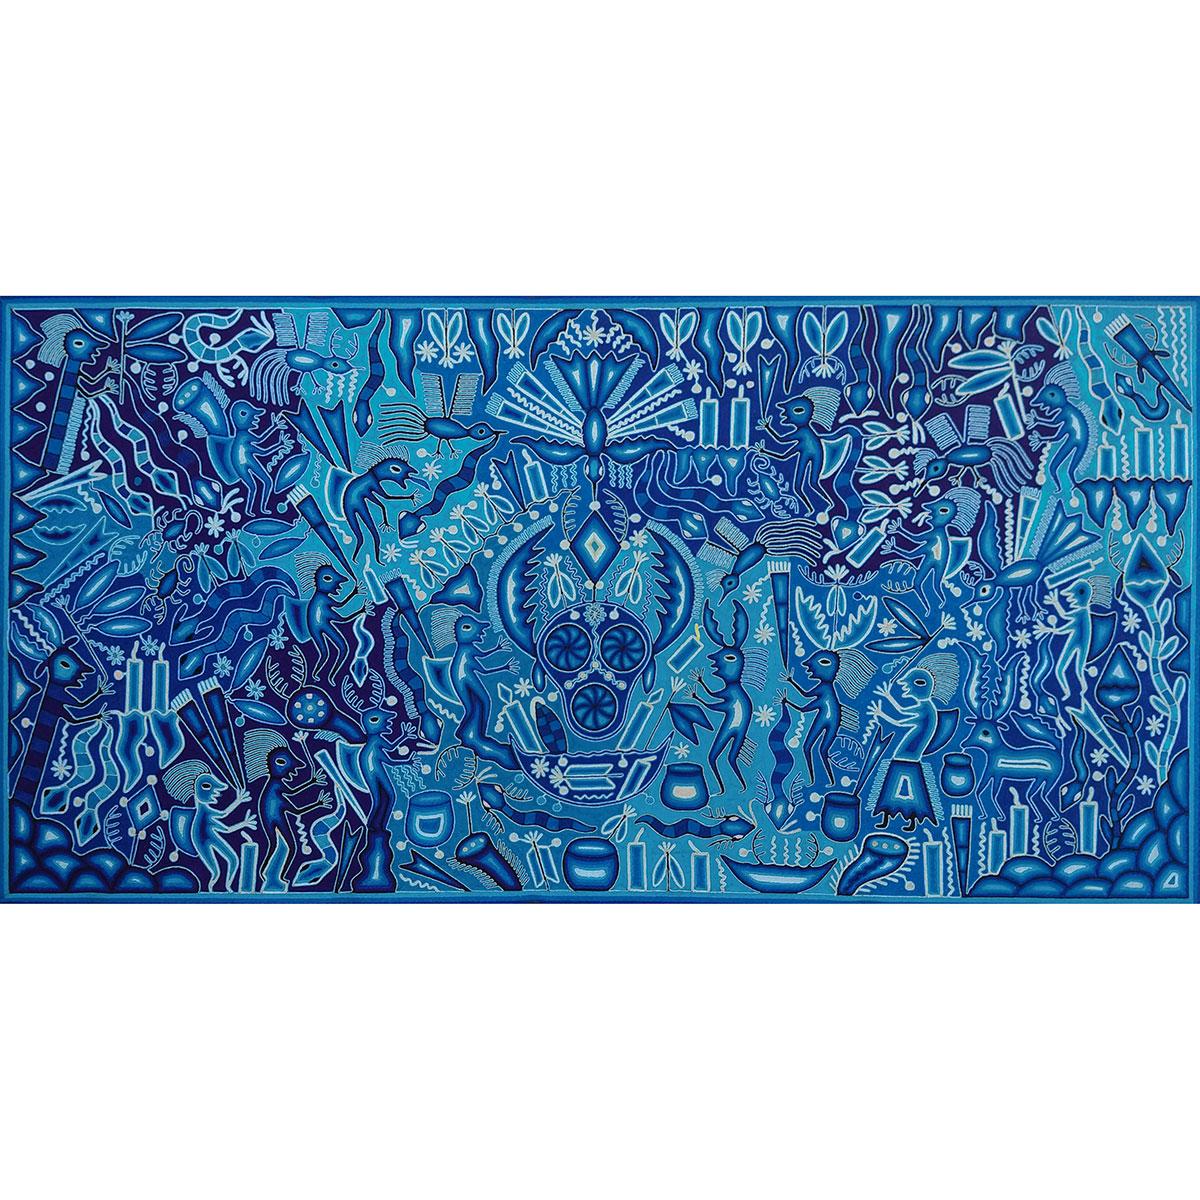 Wixárika (Huichol) Art Emiliano de la Cruz Benítez: Premier Very Large Blue Toned Huichol Yarn Painting Huichol